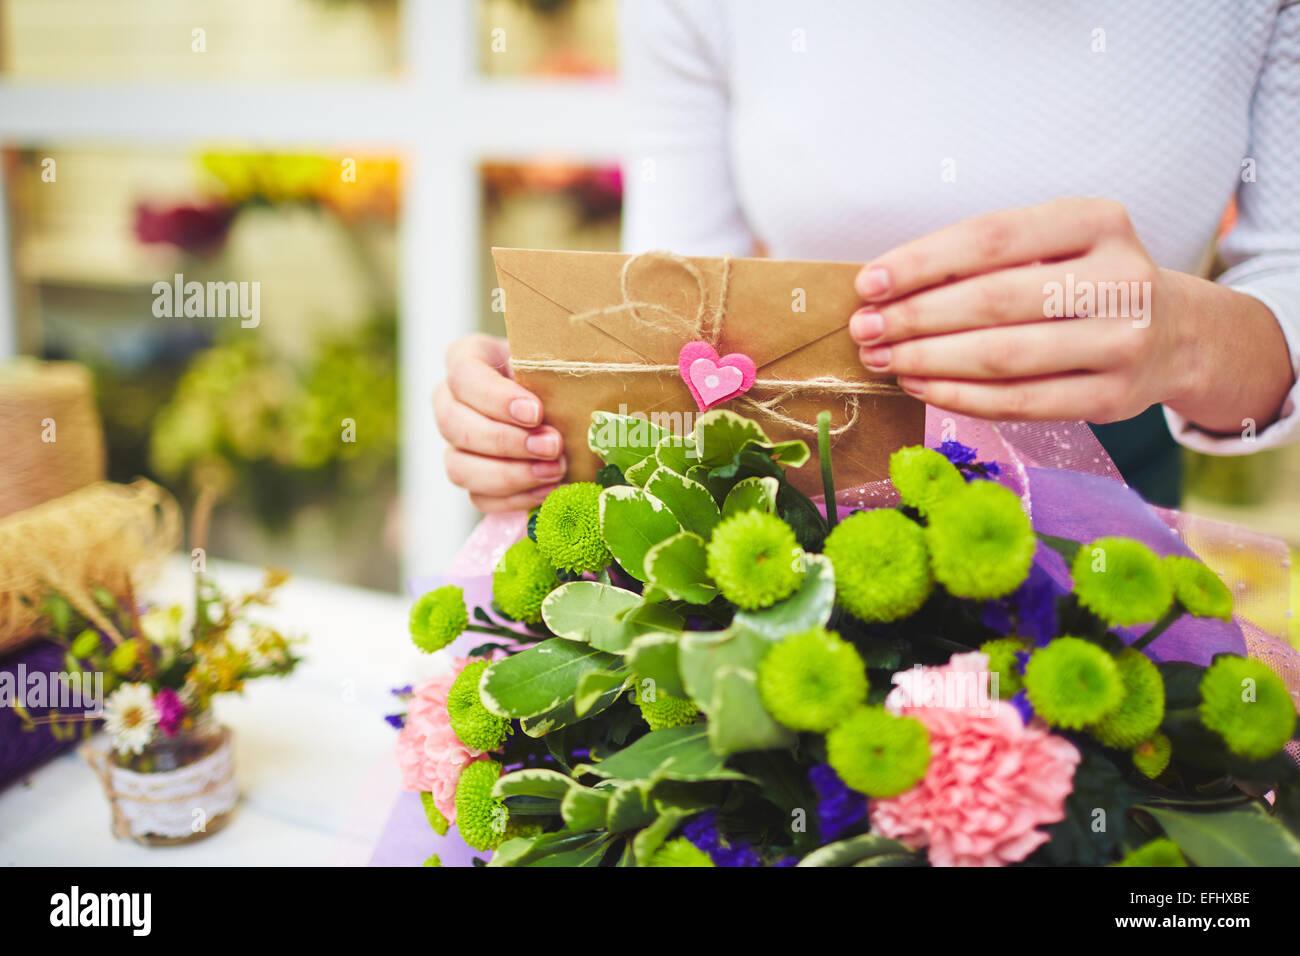 Manos femeninas con amor mensaje ponerlo en bouquet floral Imagen De Stock